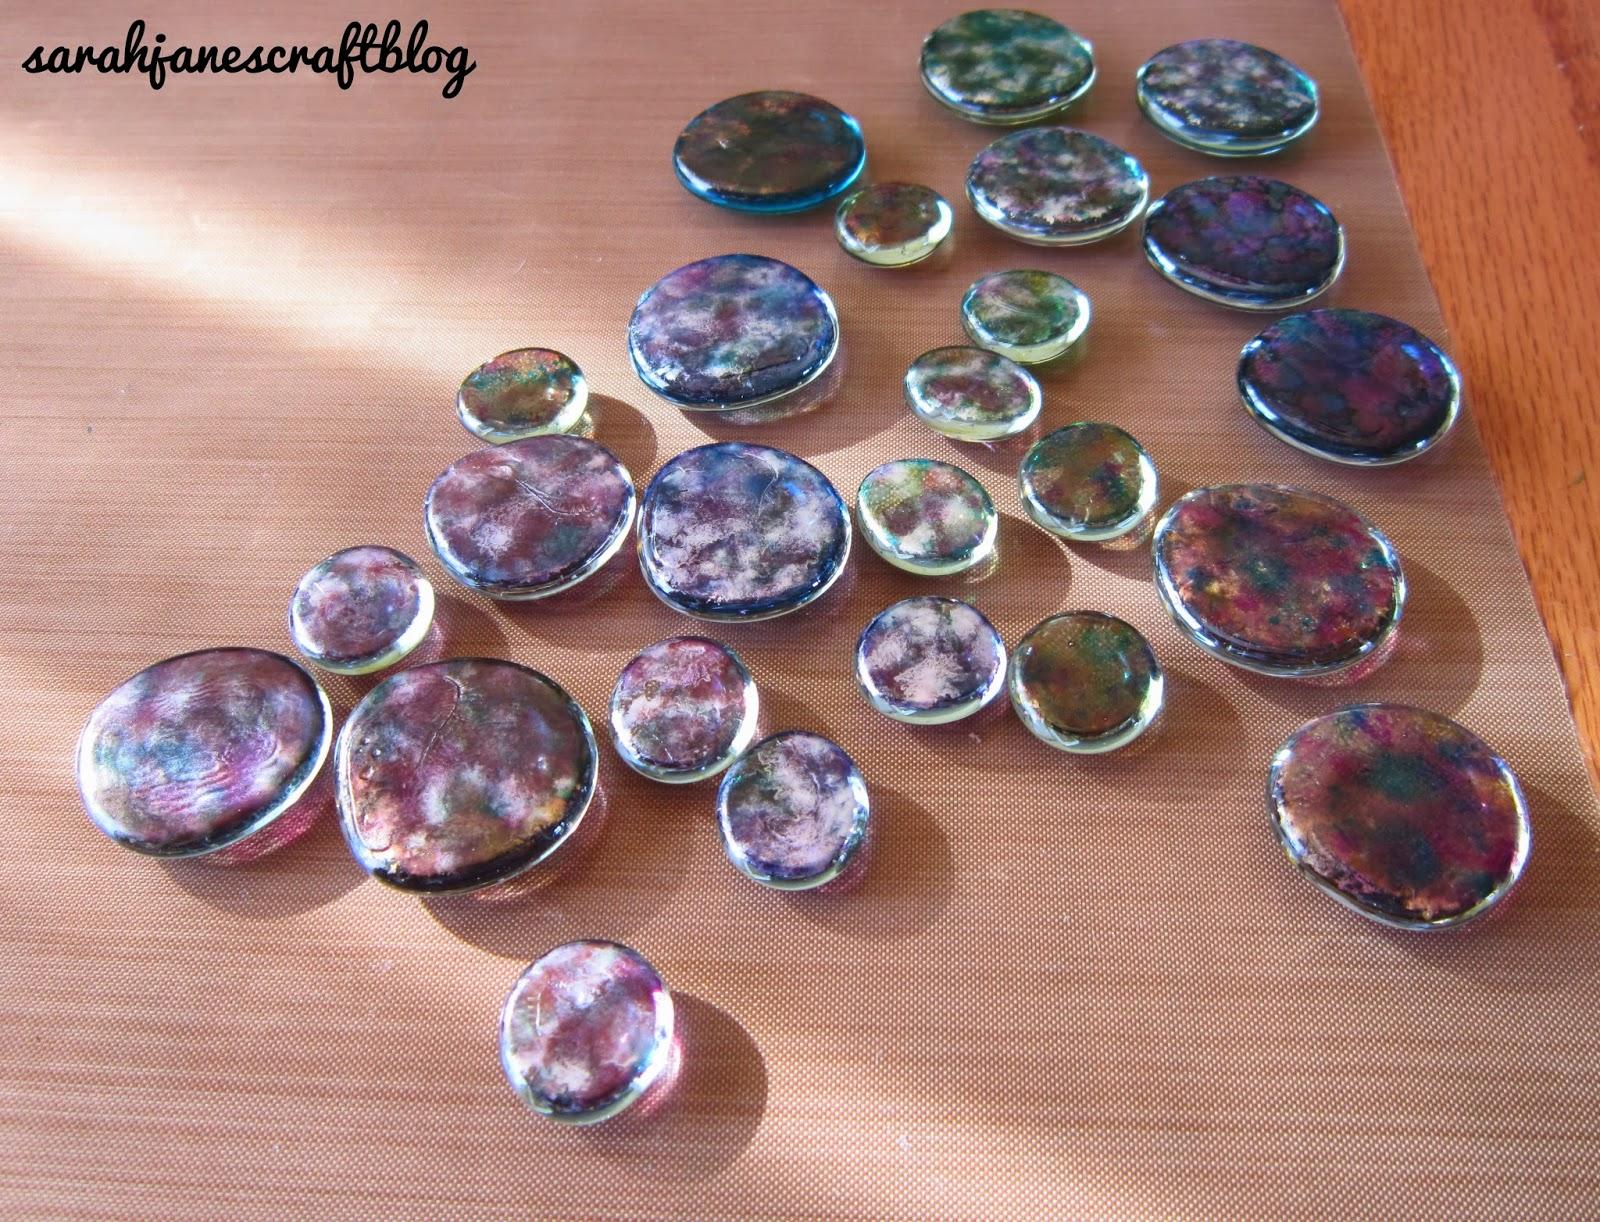 Sarah Janes Craft Blog Alcohol Ink Glass Gems